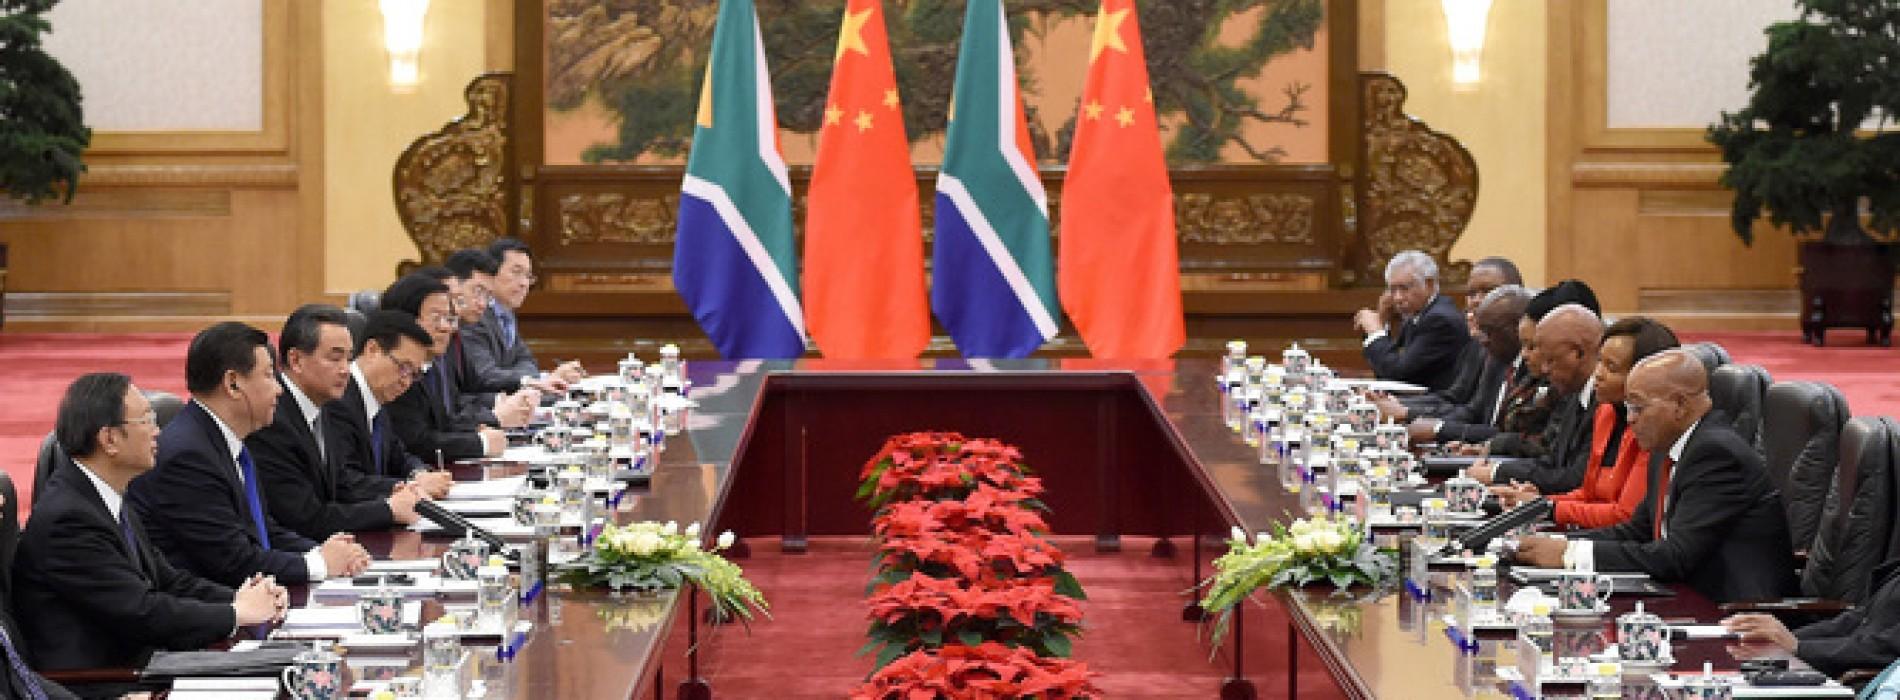 2015: Questo è stato il vero anno del drago cinese in Africa